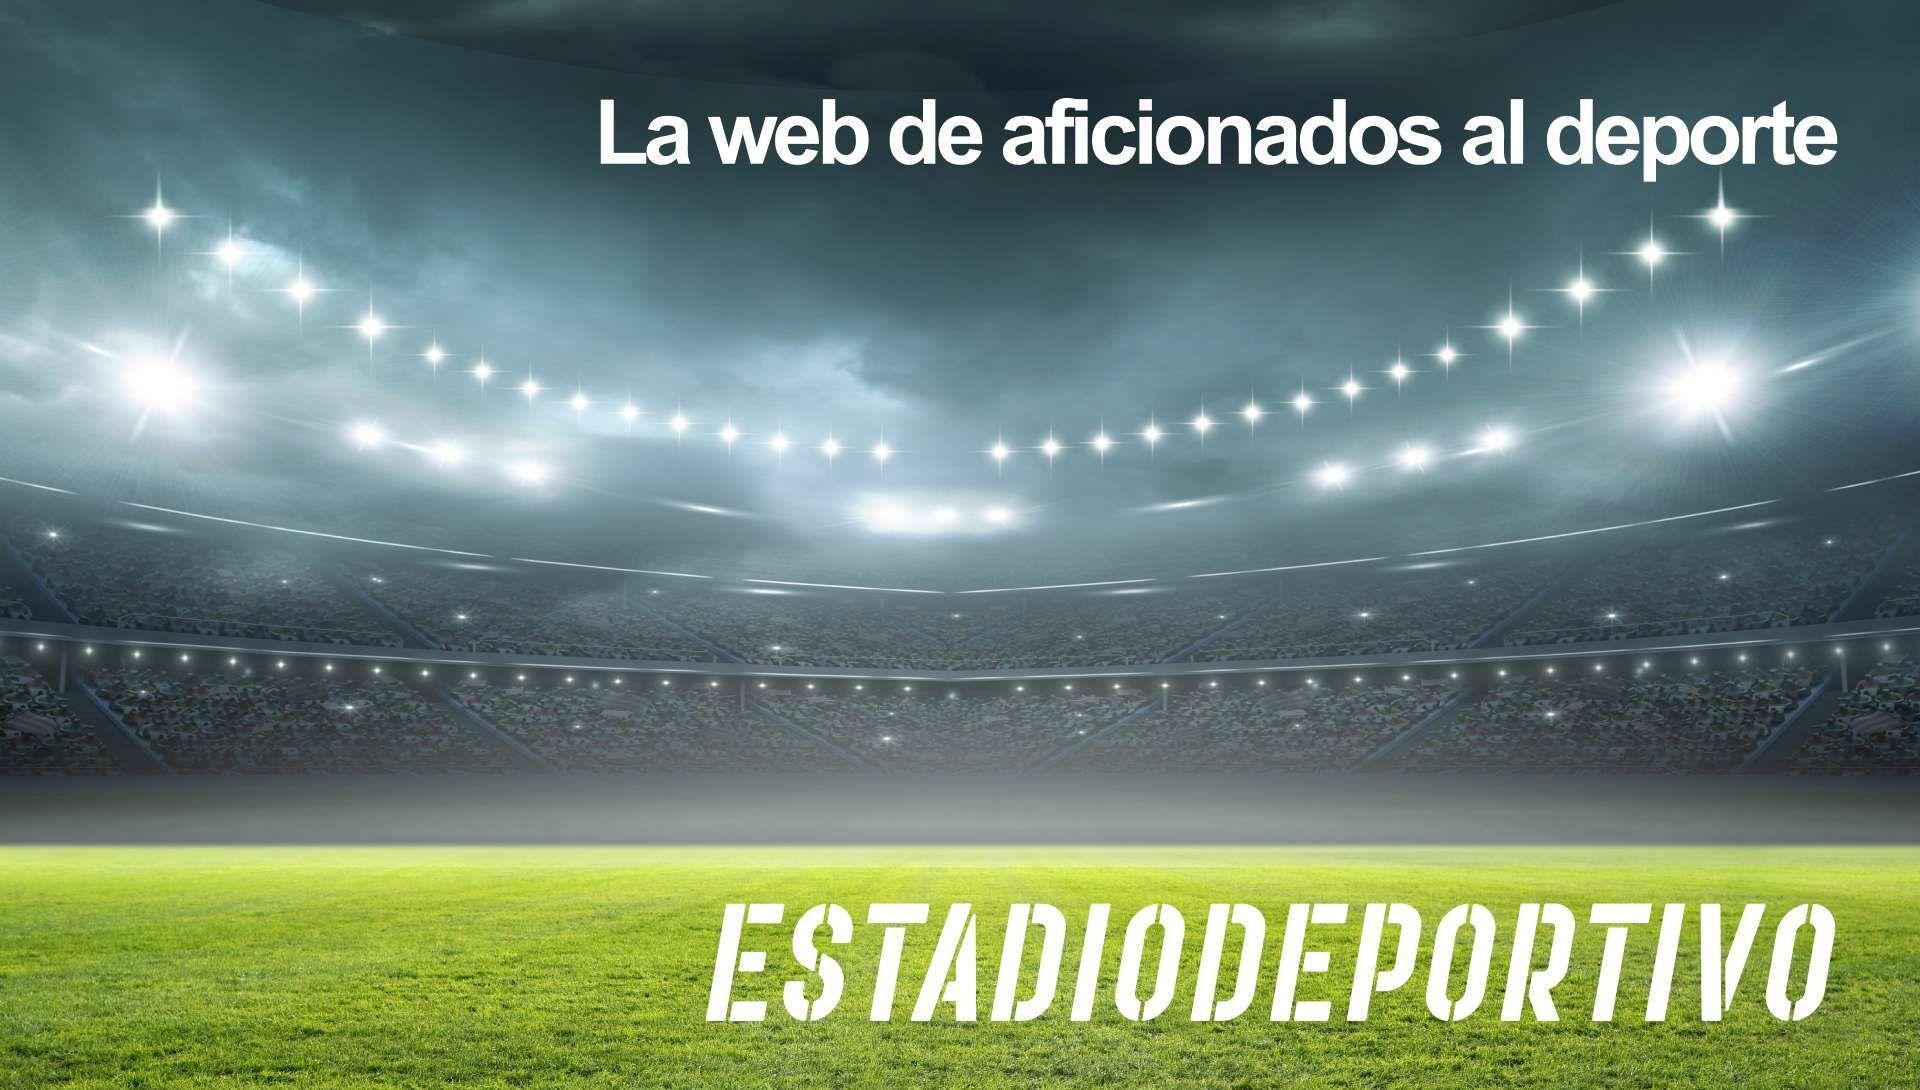 Las portadas del jueves 14 de enero